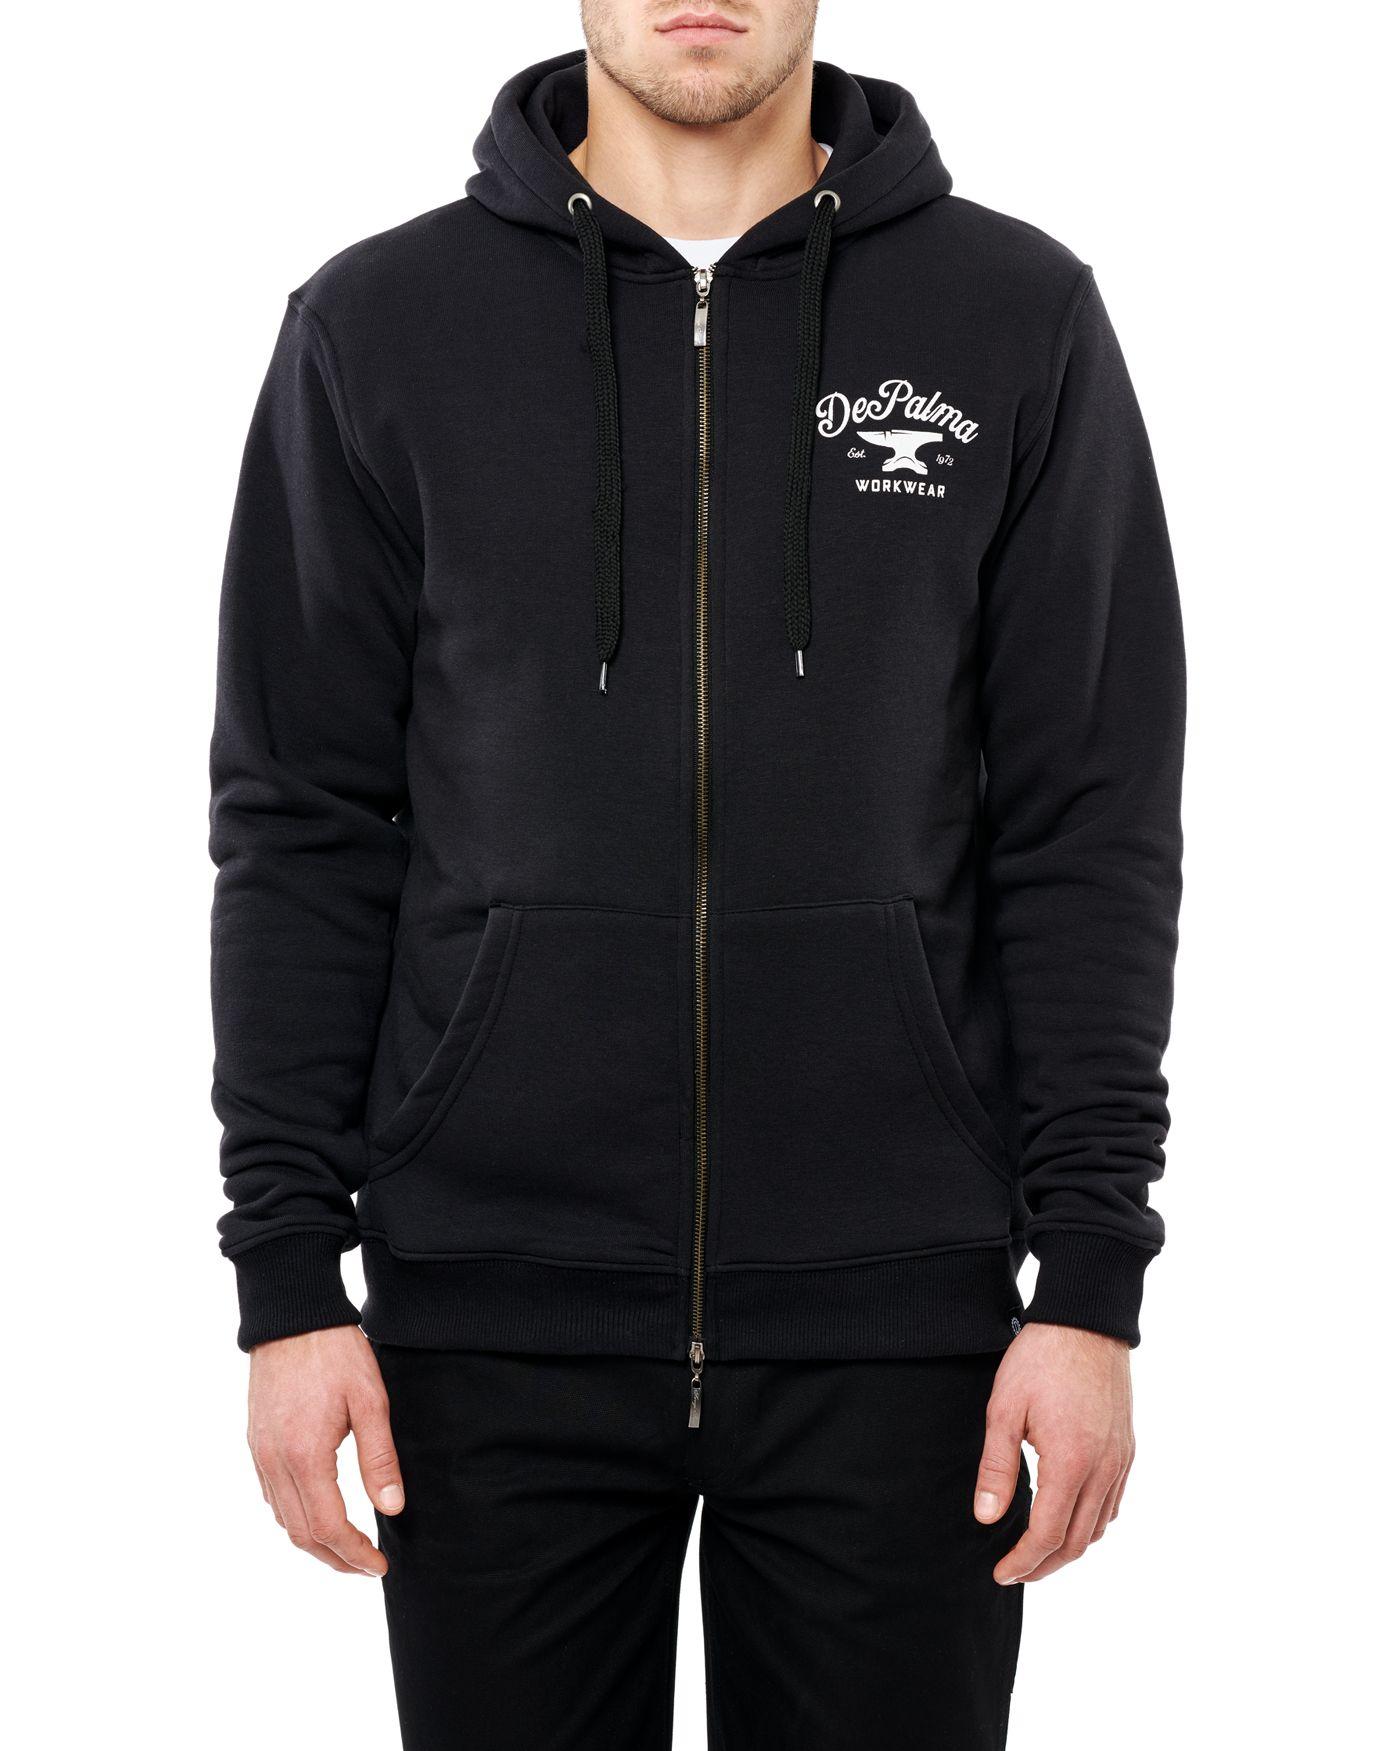 Photo of Anvil Zip Hooded Sweatshirt, Black